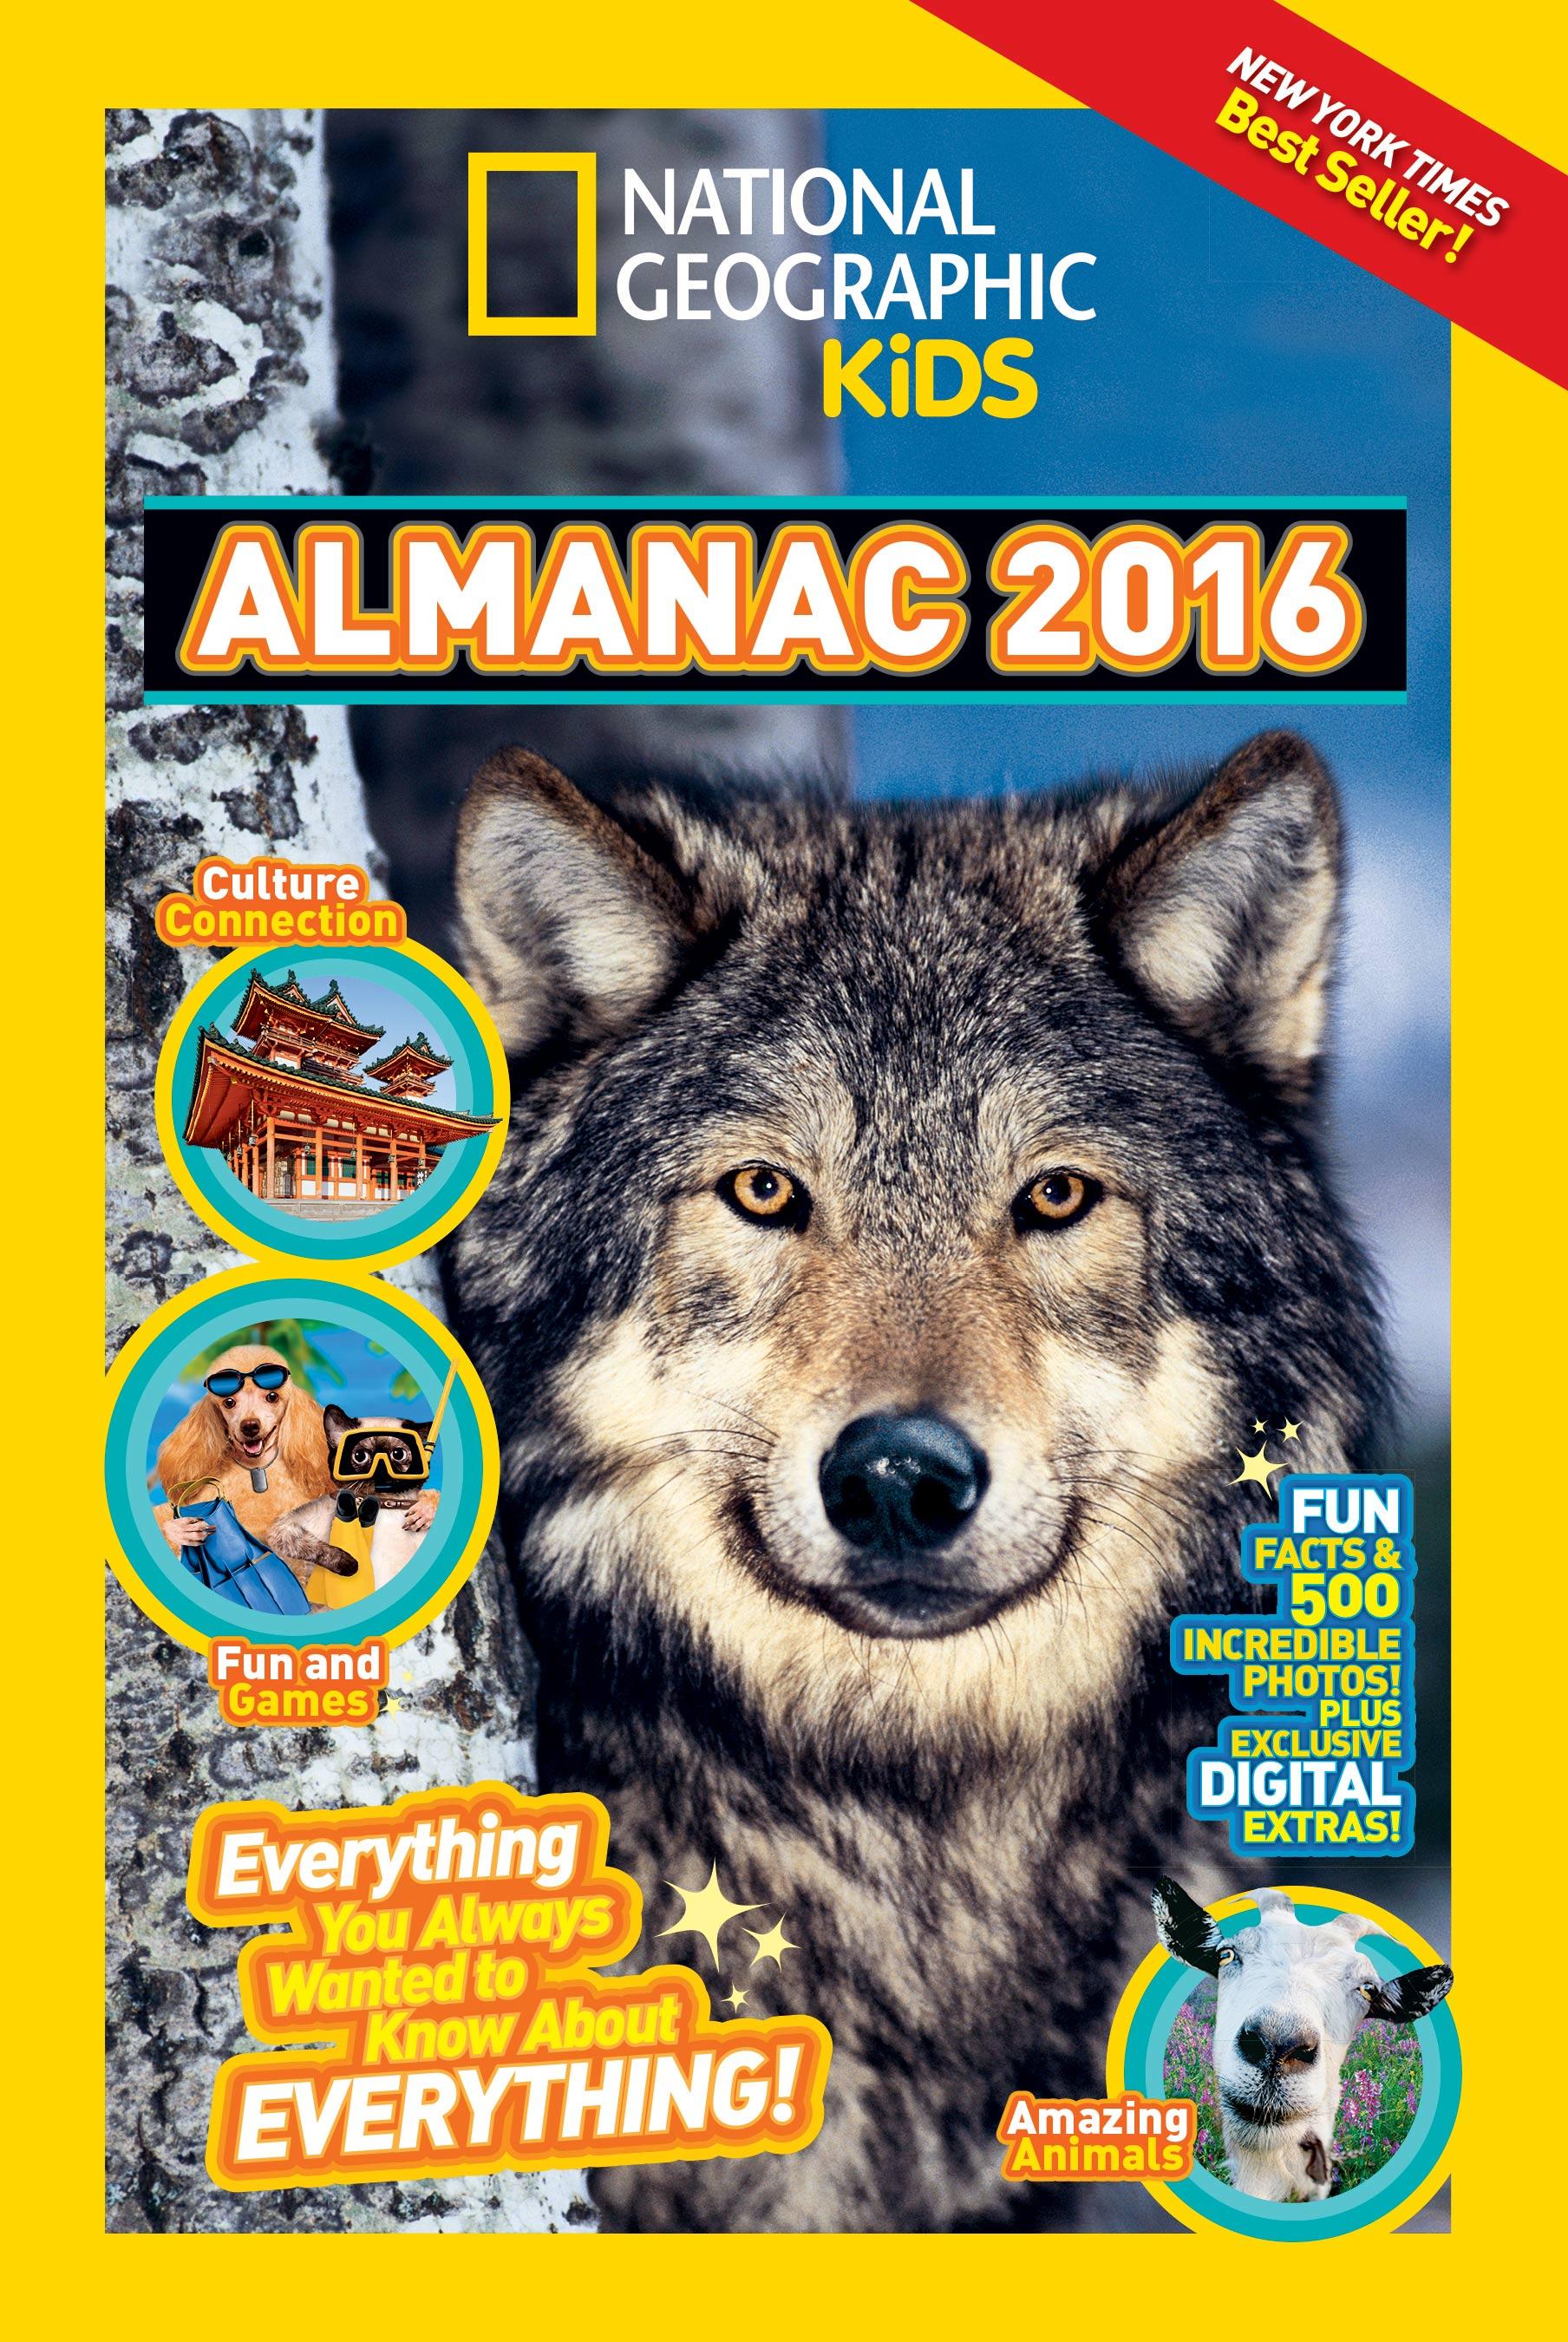 Almanac-2016-cover-small